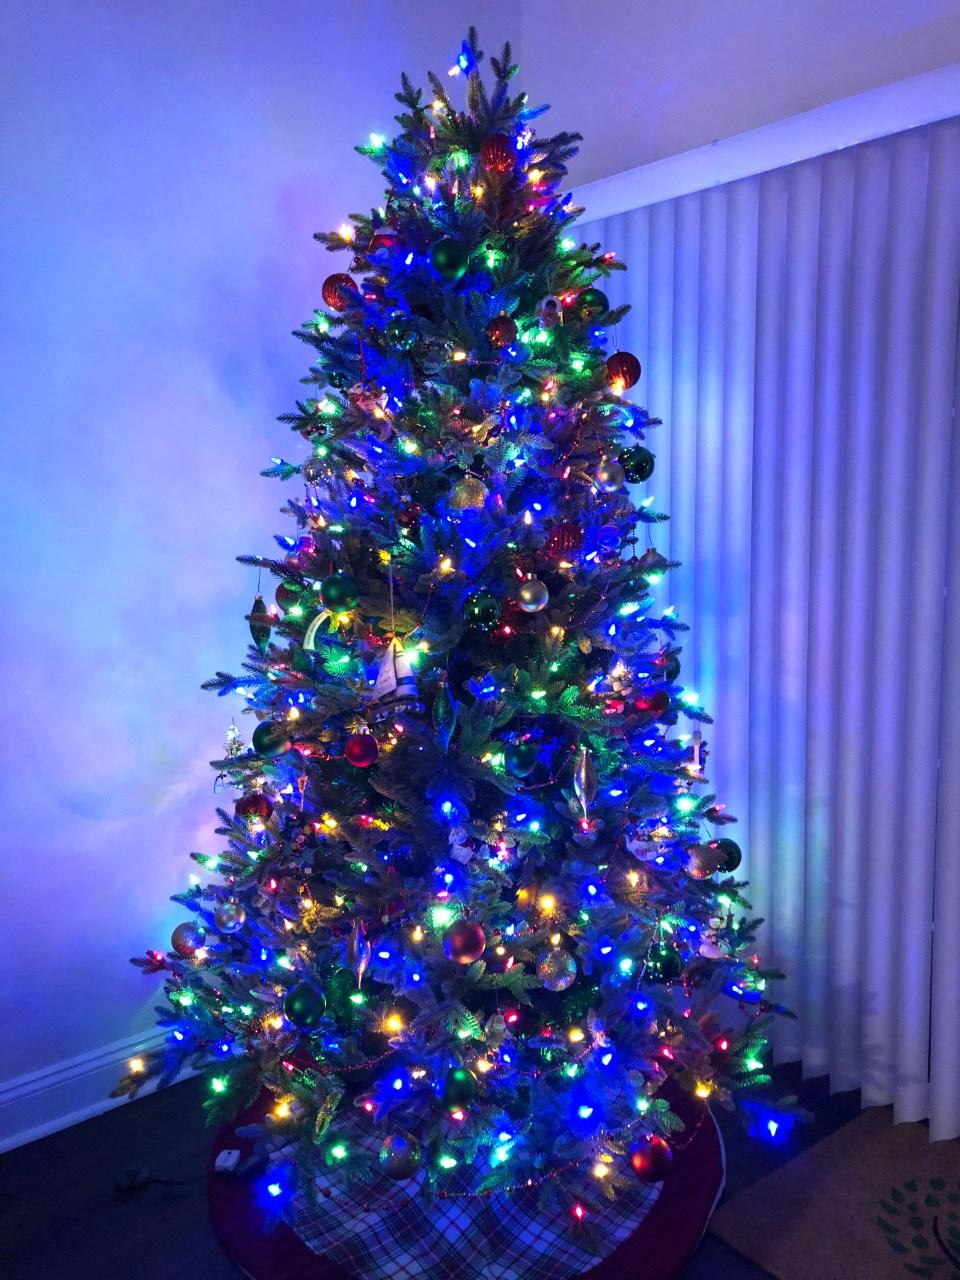 Christmas Tree - Nighttime 1